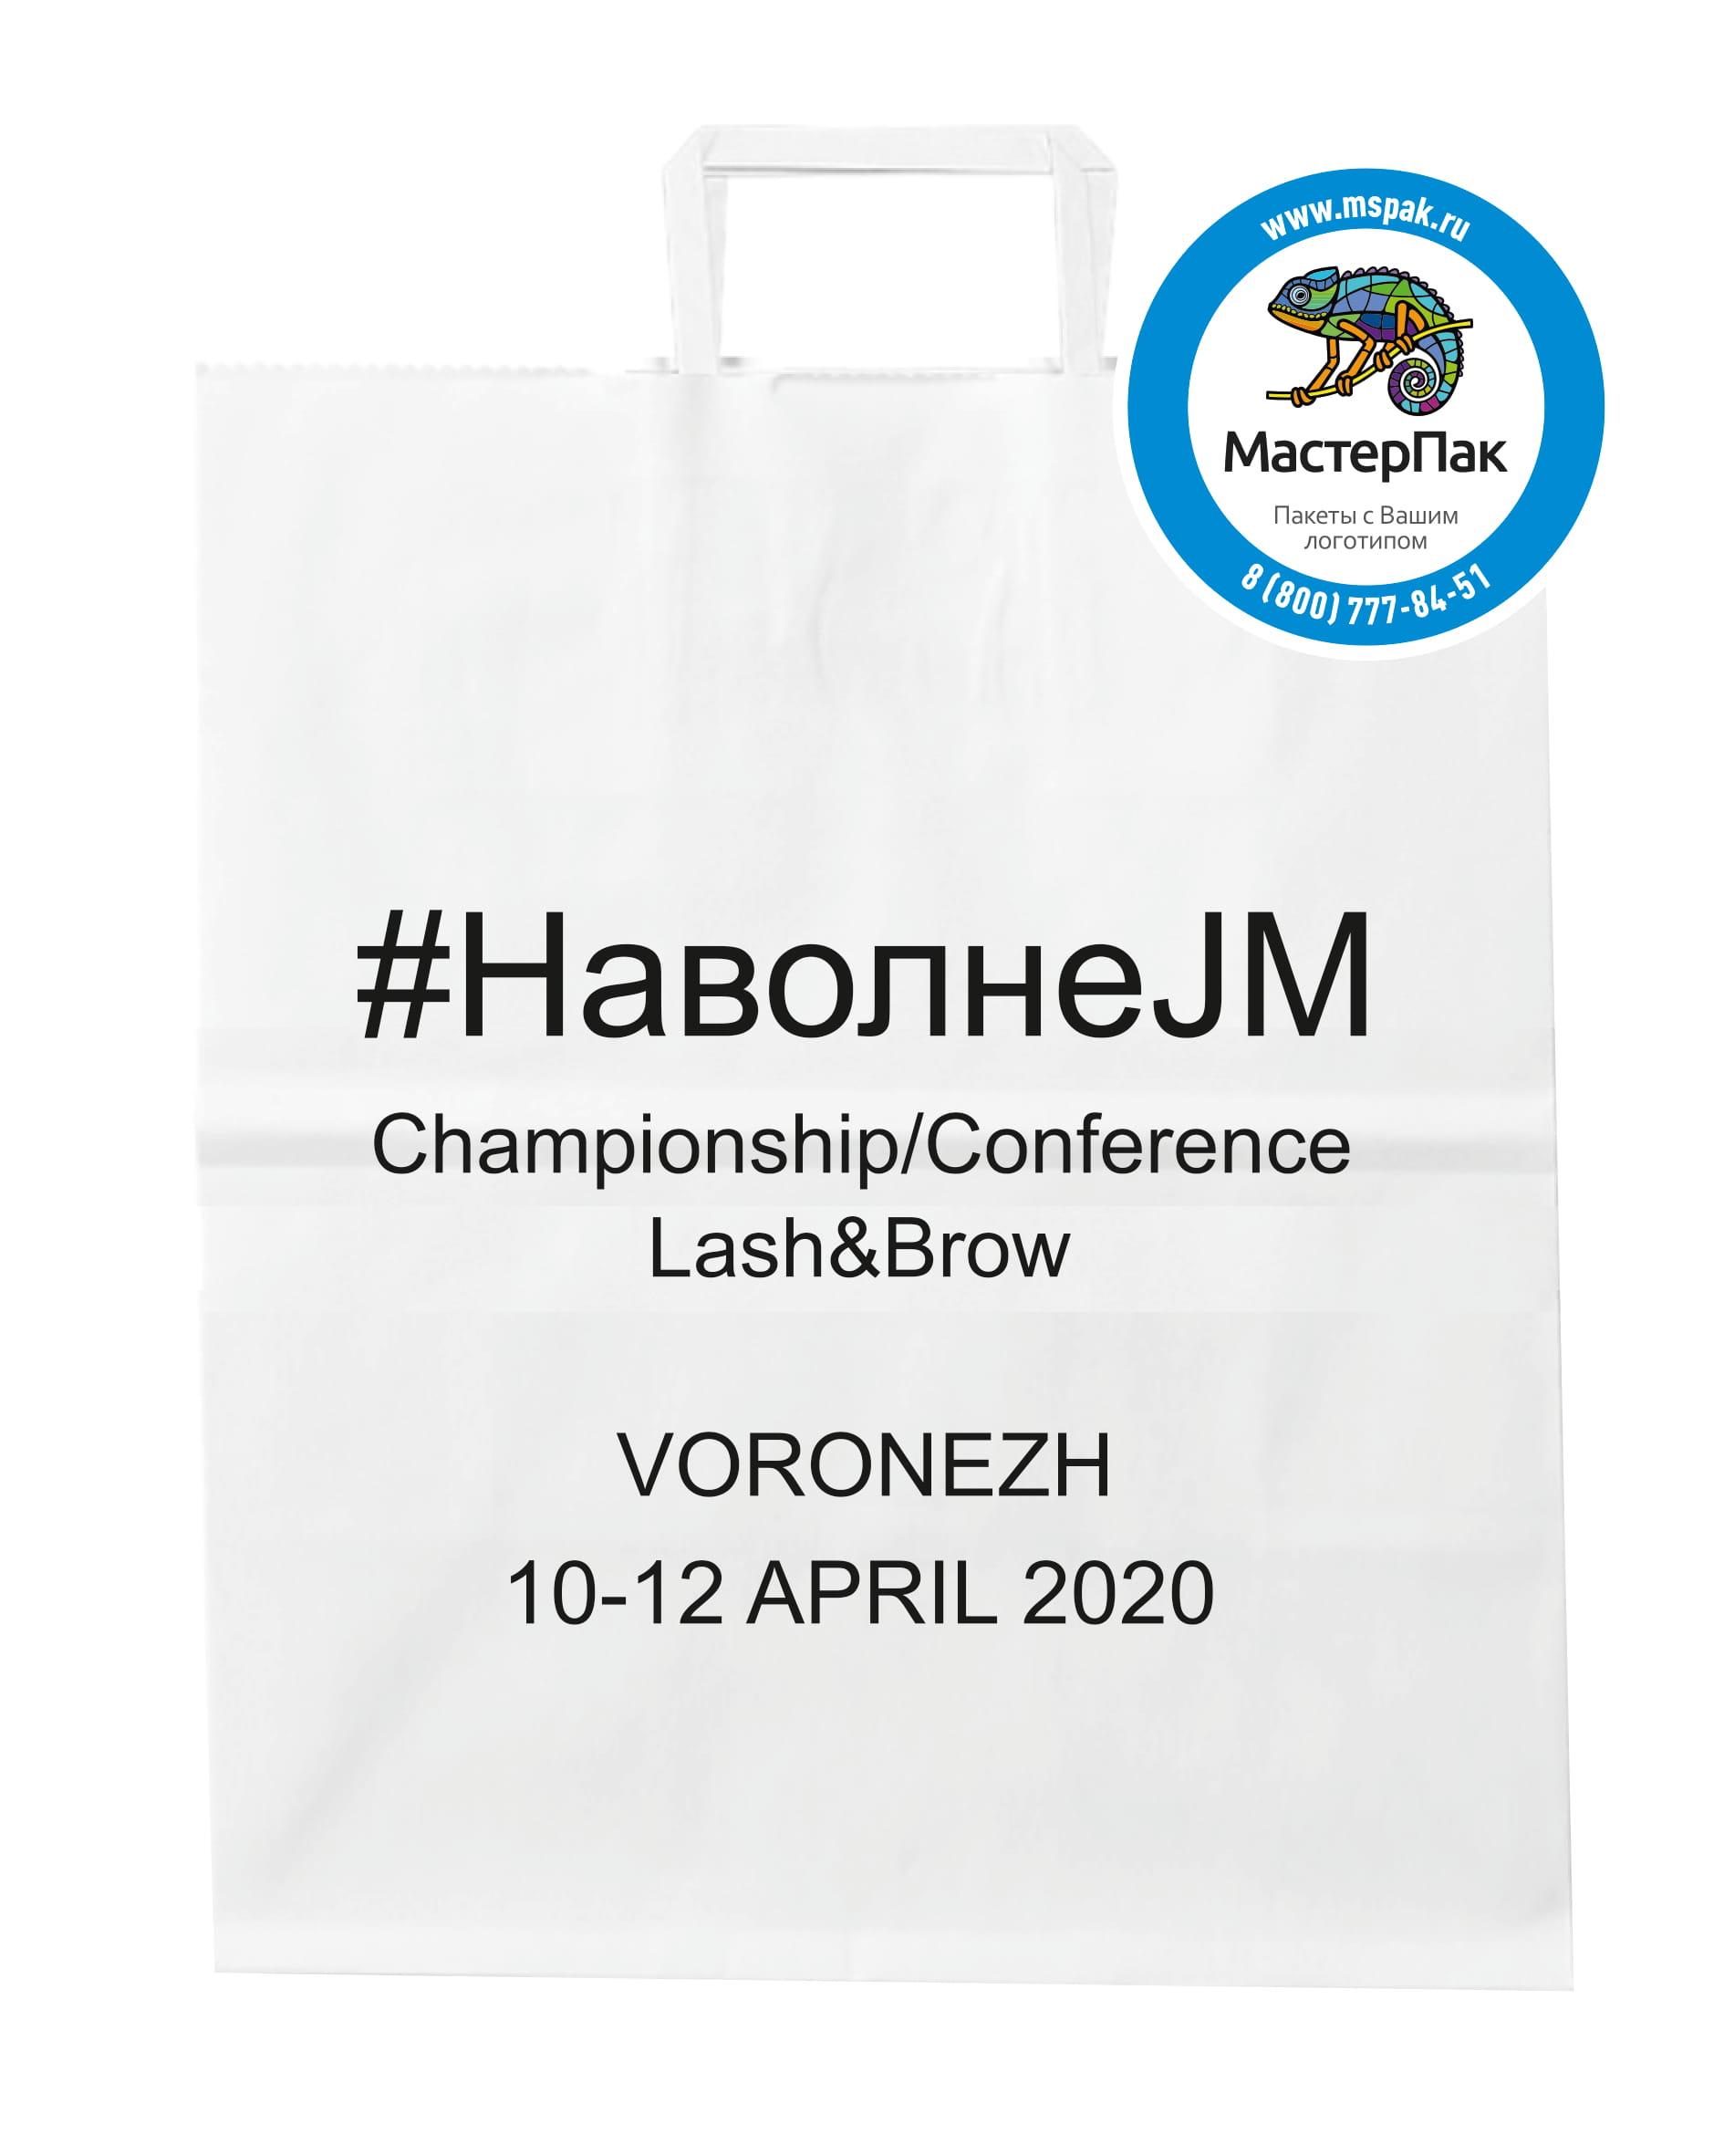 Пакет крафт, бумажный с логотипом #НаволнеJM, Воронеж, 24*28 см, плоские ручки